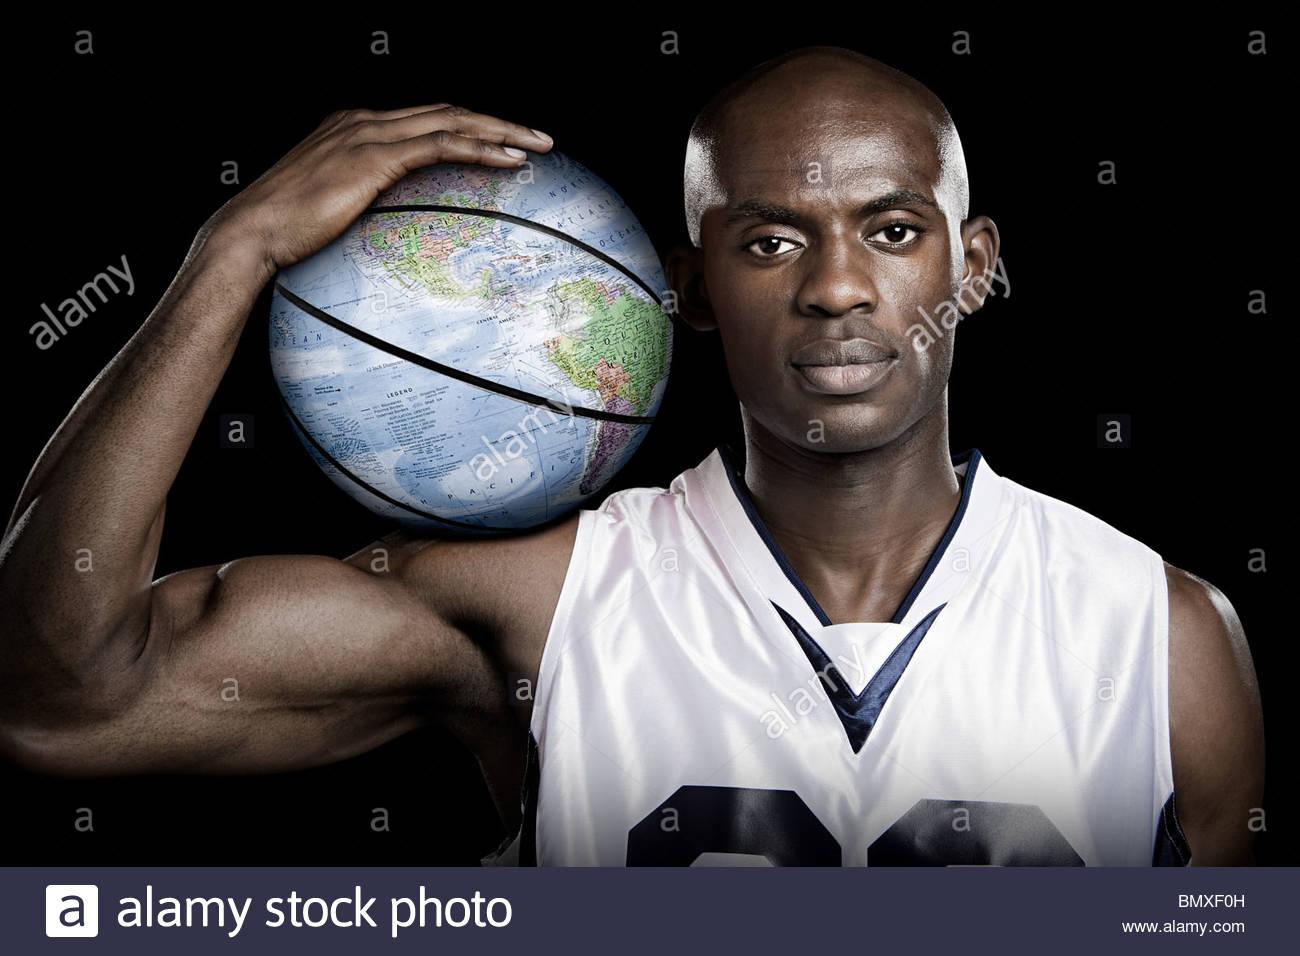 Basketball player with globe basketball - Stock Image